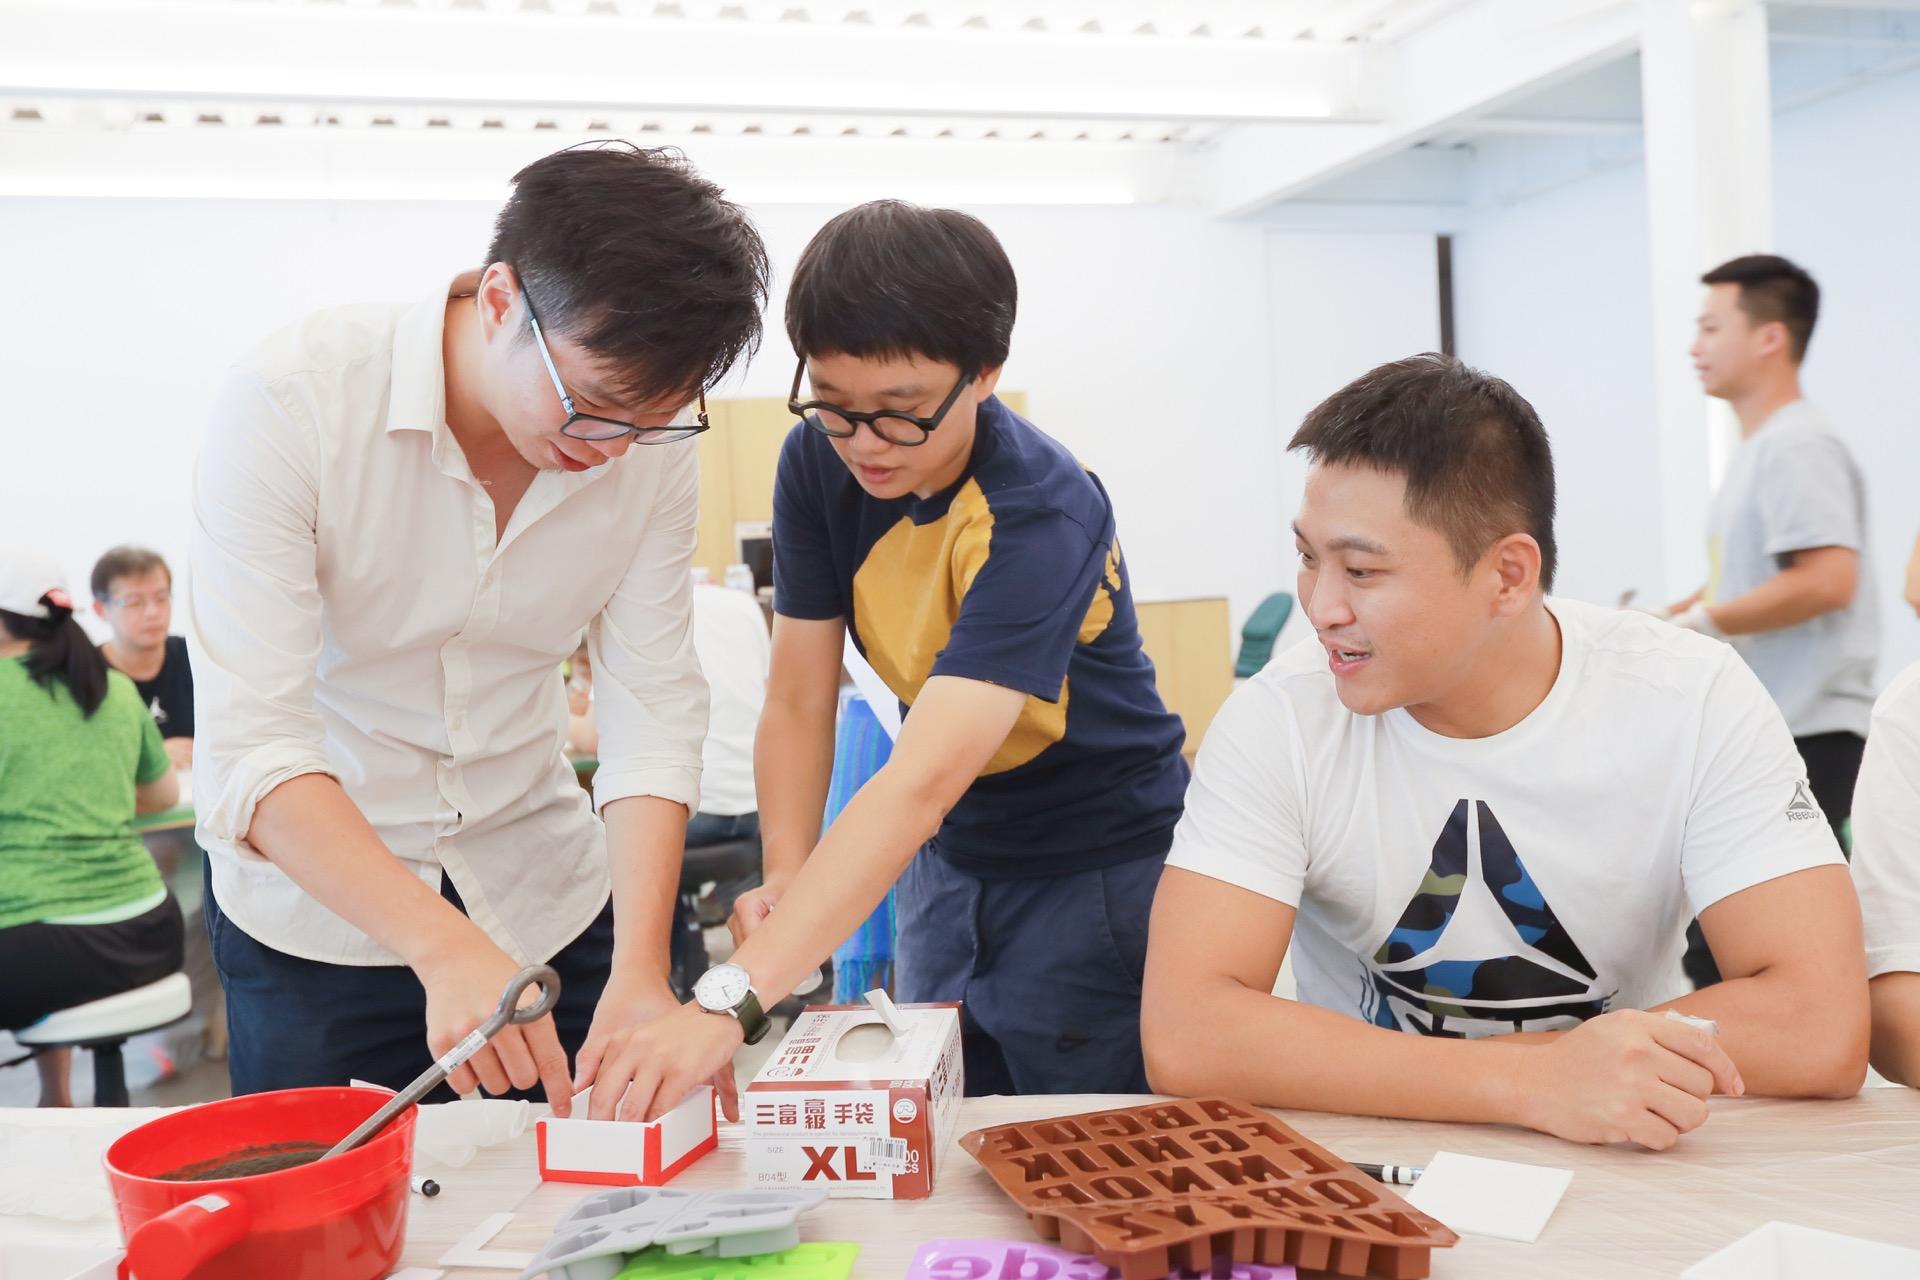 德築-DEZU-project-Zutian-activity-concrete-create-9